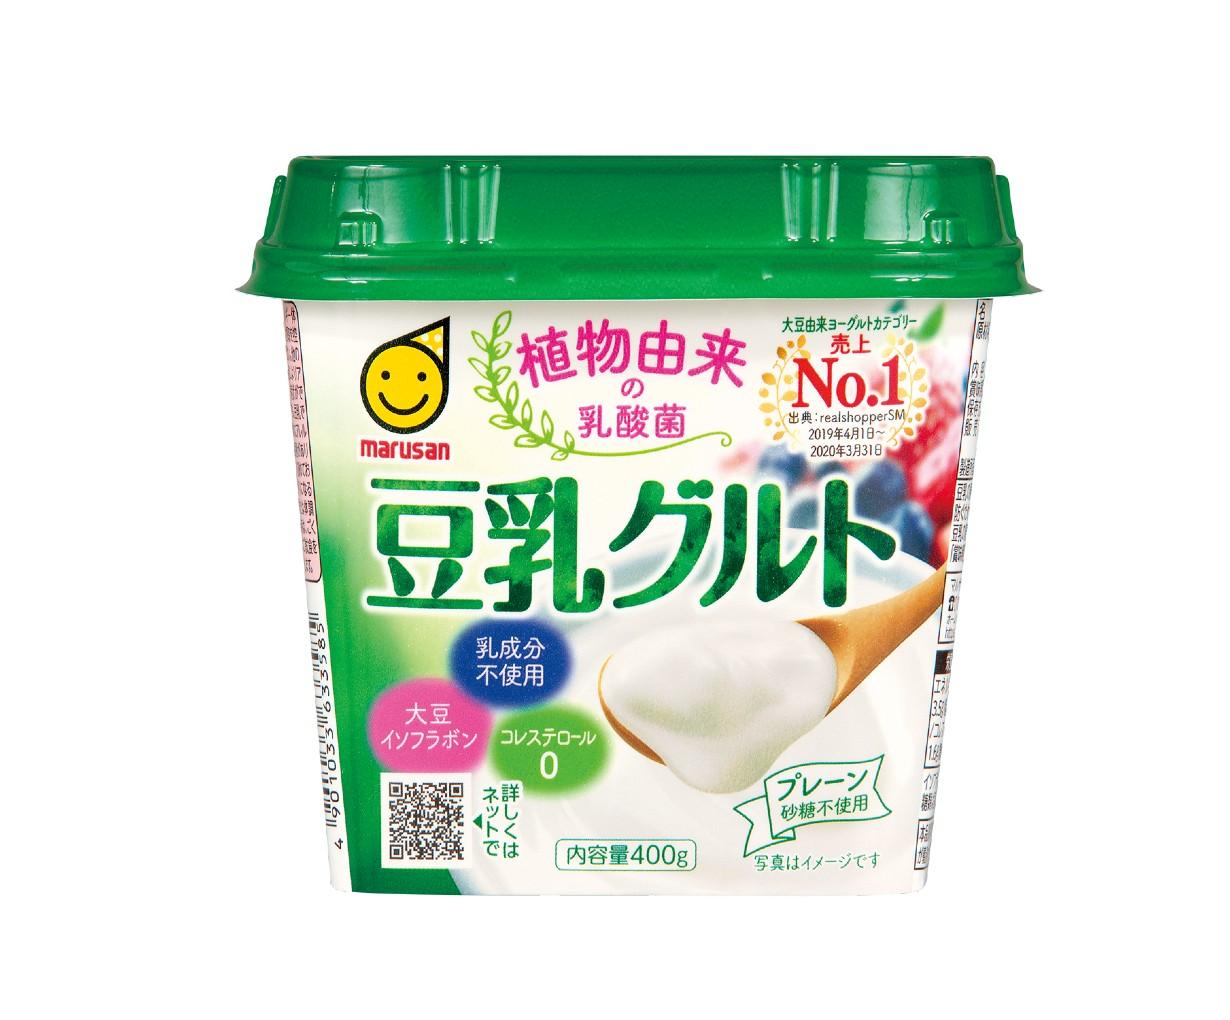 豆乳グルトのメインターゲットはF1~2層、アレルギーの方や豆乳好き、健康志向の方など